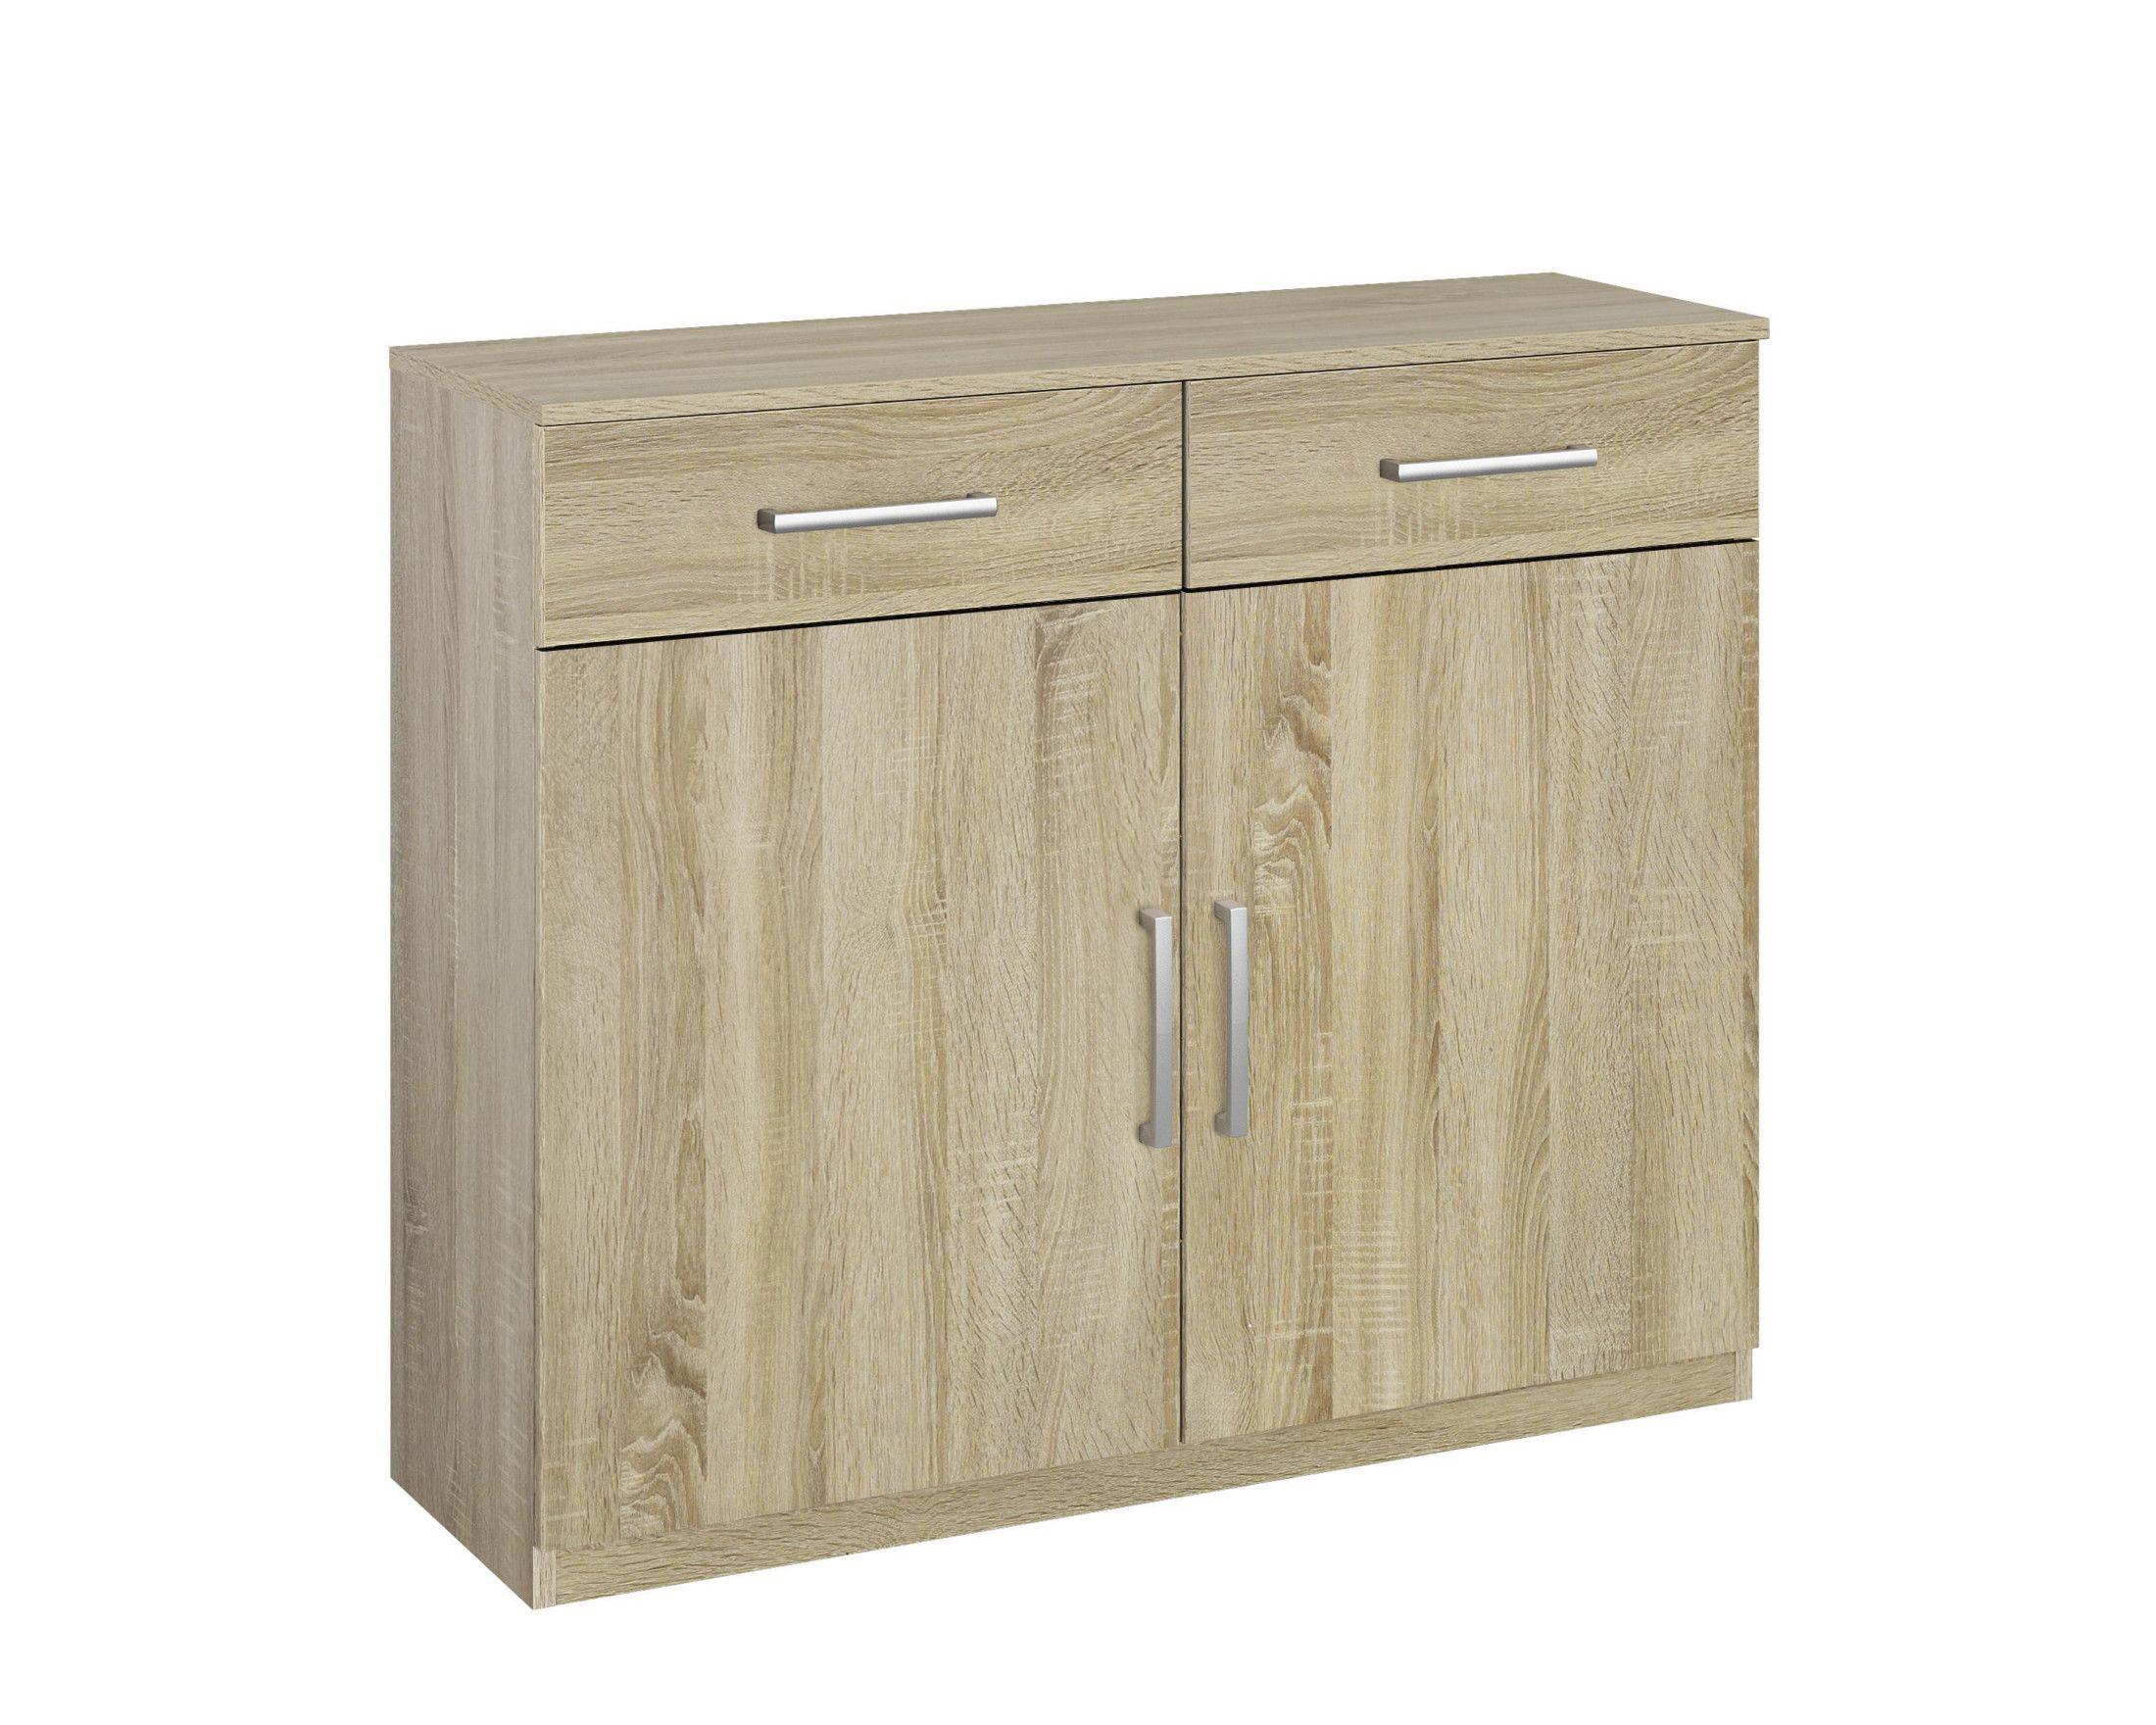 Kommode modern eiche  Kommode Eiche Sonoma Woody 33-01227 Modern Jetzt bestellen unter ...